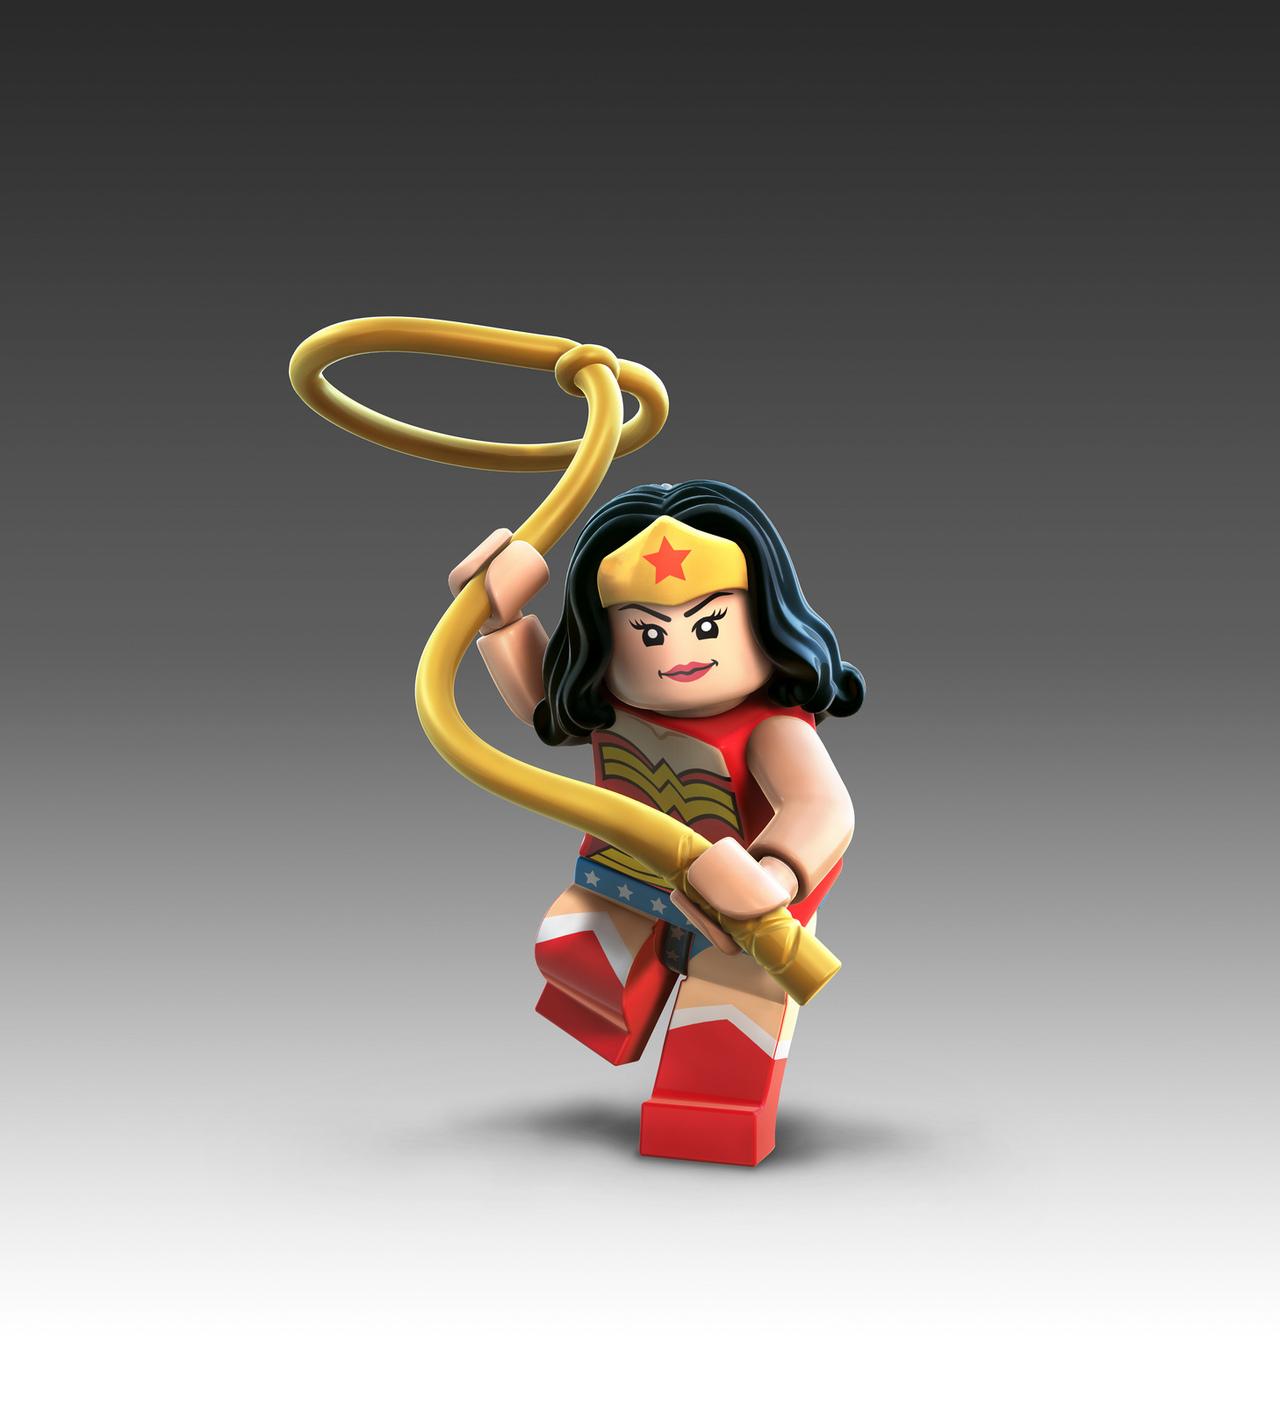 Lego batman 2 dc super heroes estrena trailer y nos revela su mundo